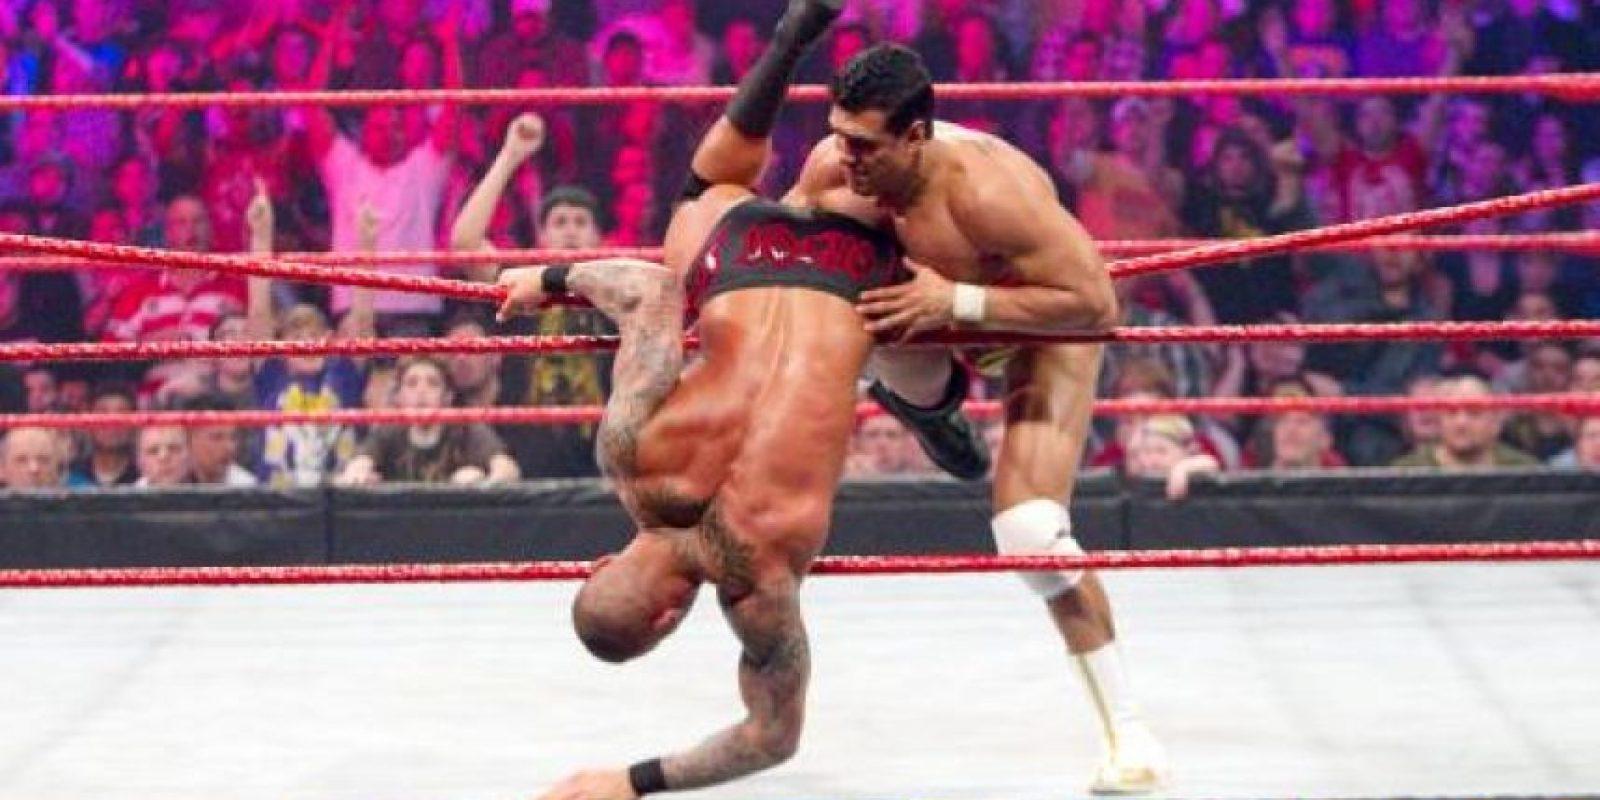 5. La pelea con más hombres Foto:WWE